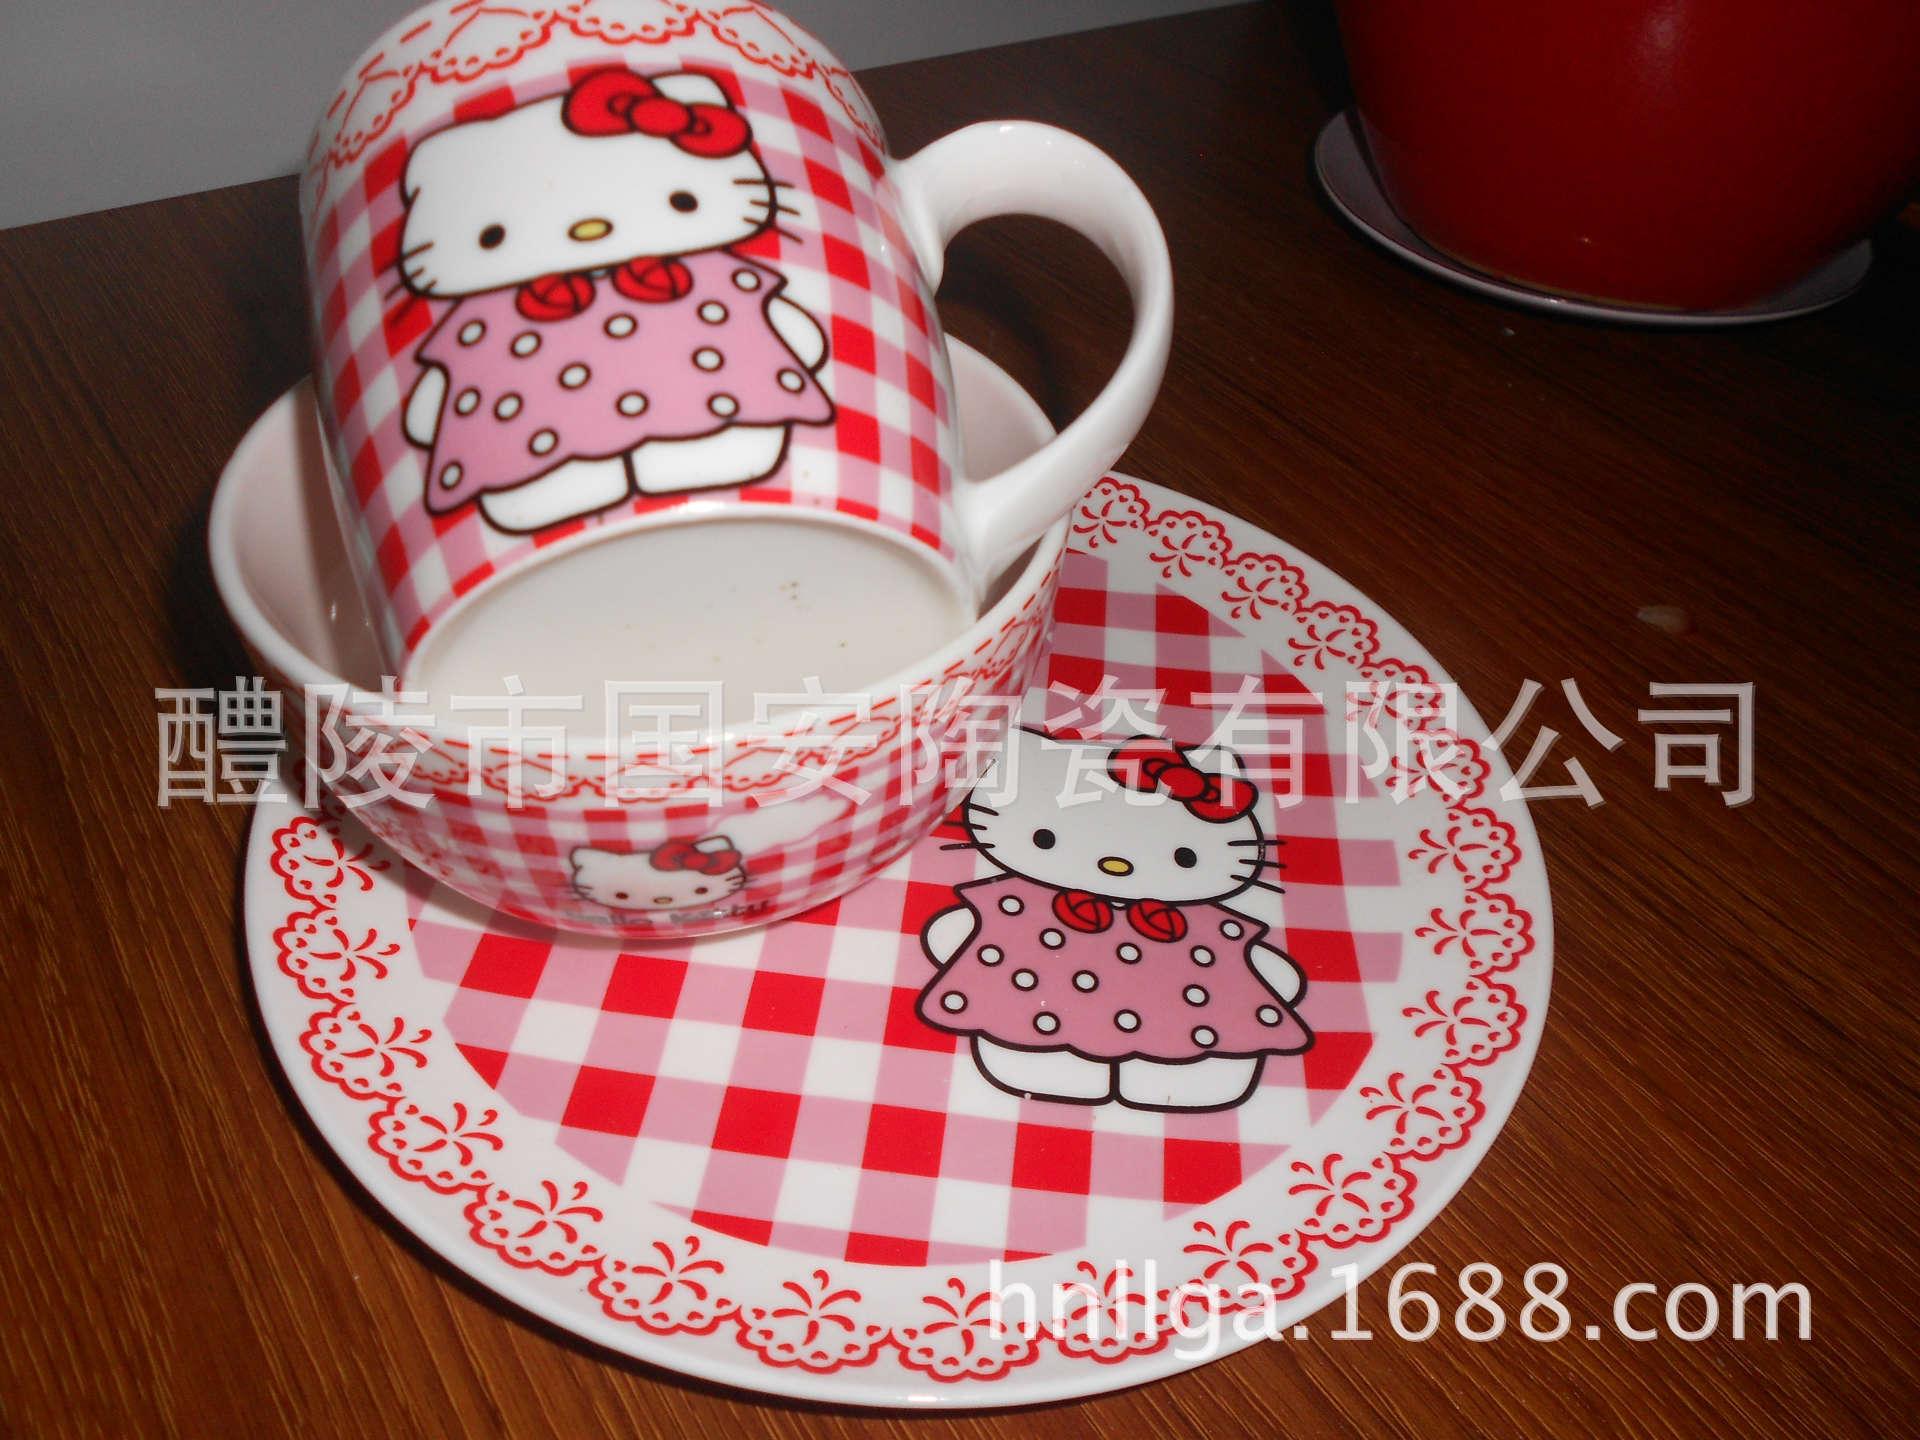 日式餐具 陶瓷餐具 儿童餐具